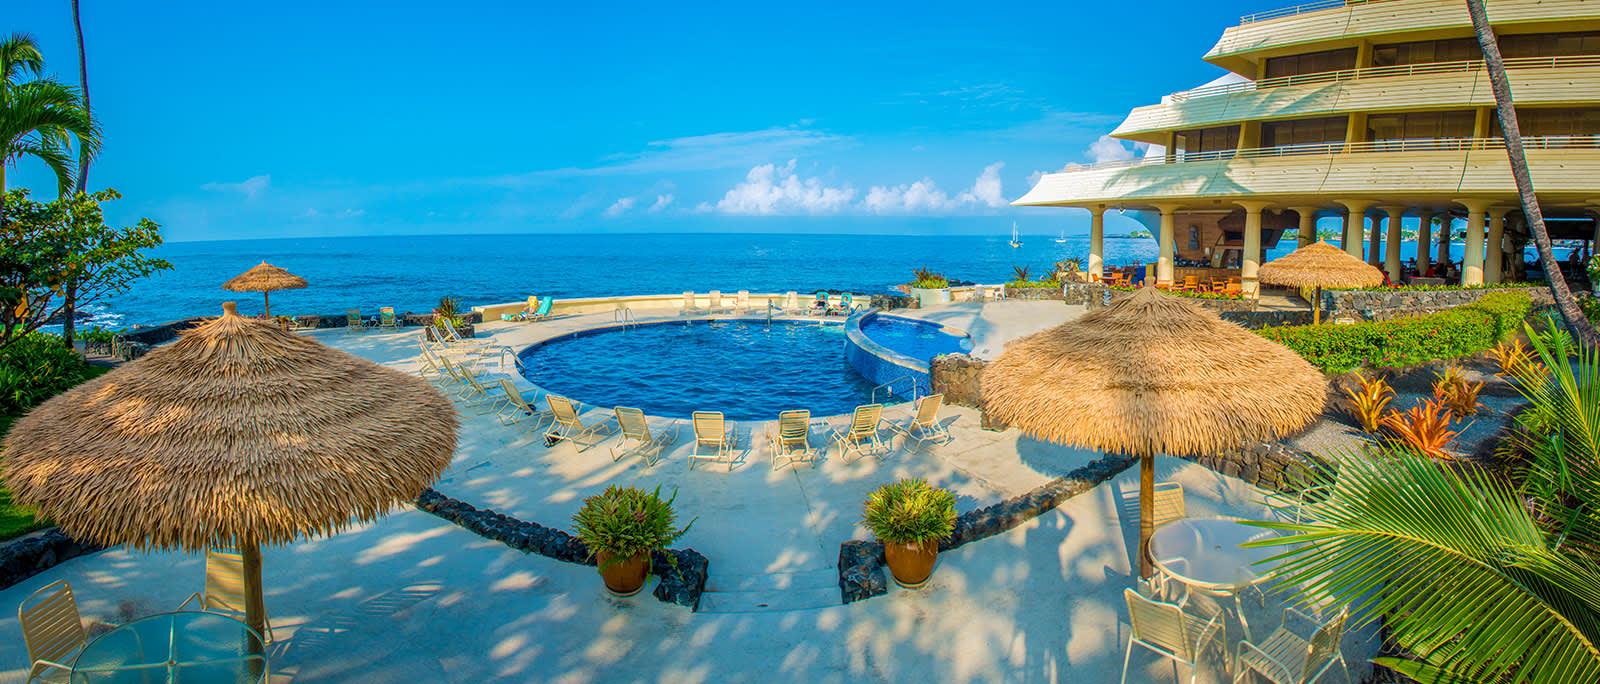 Group Code at Royal Kona Resort